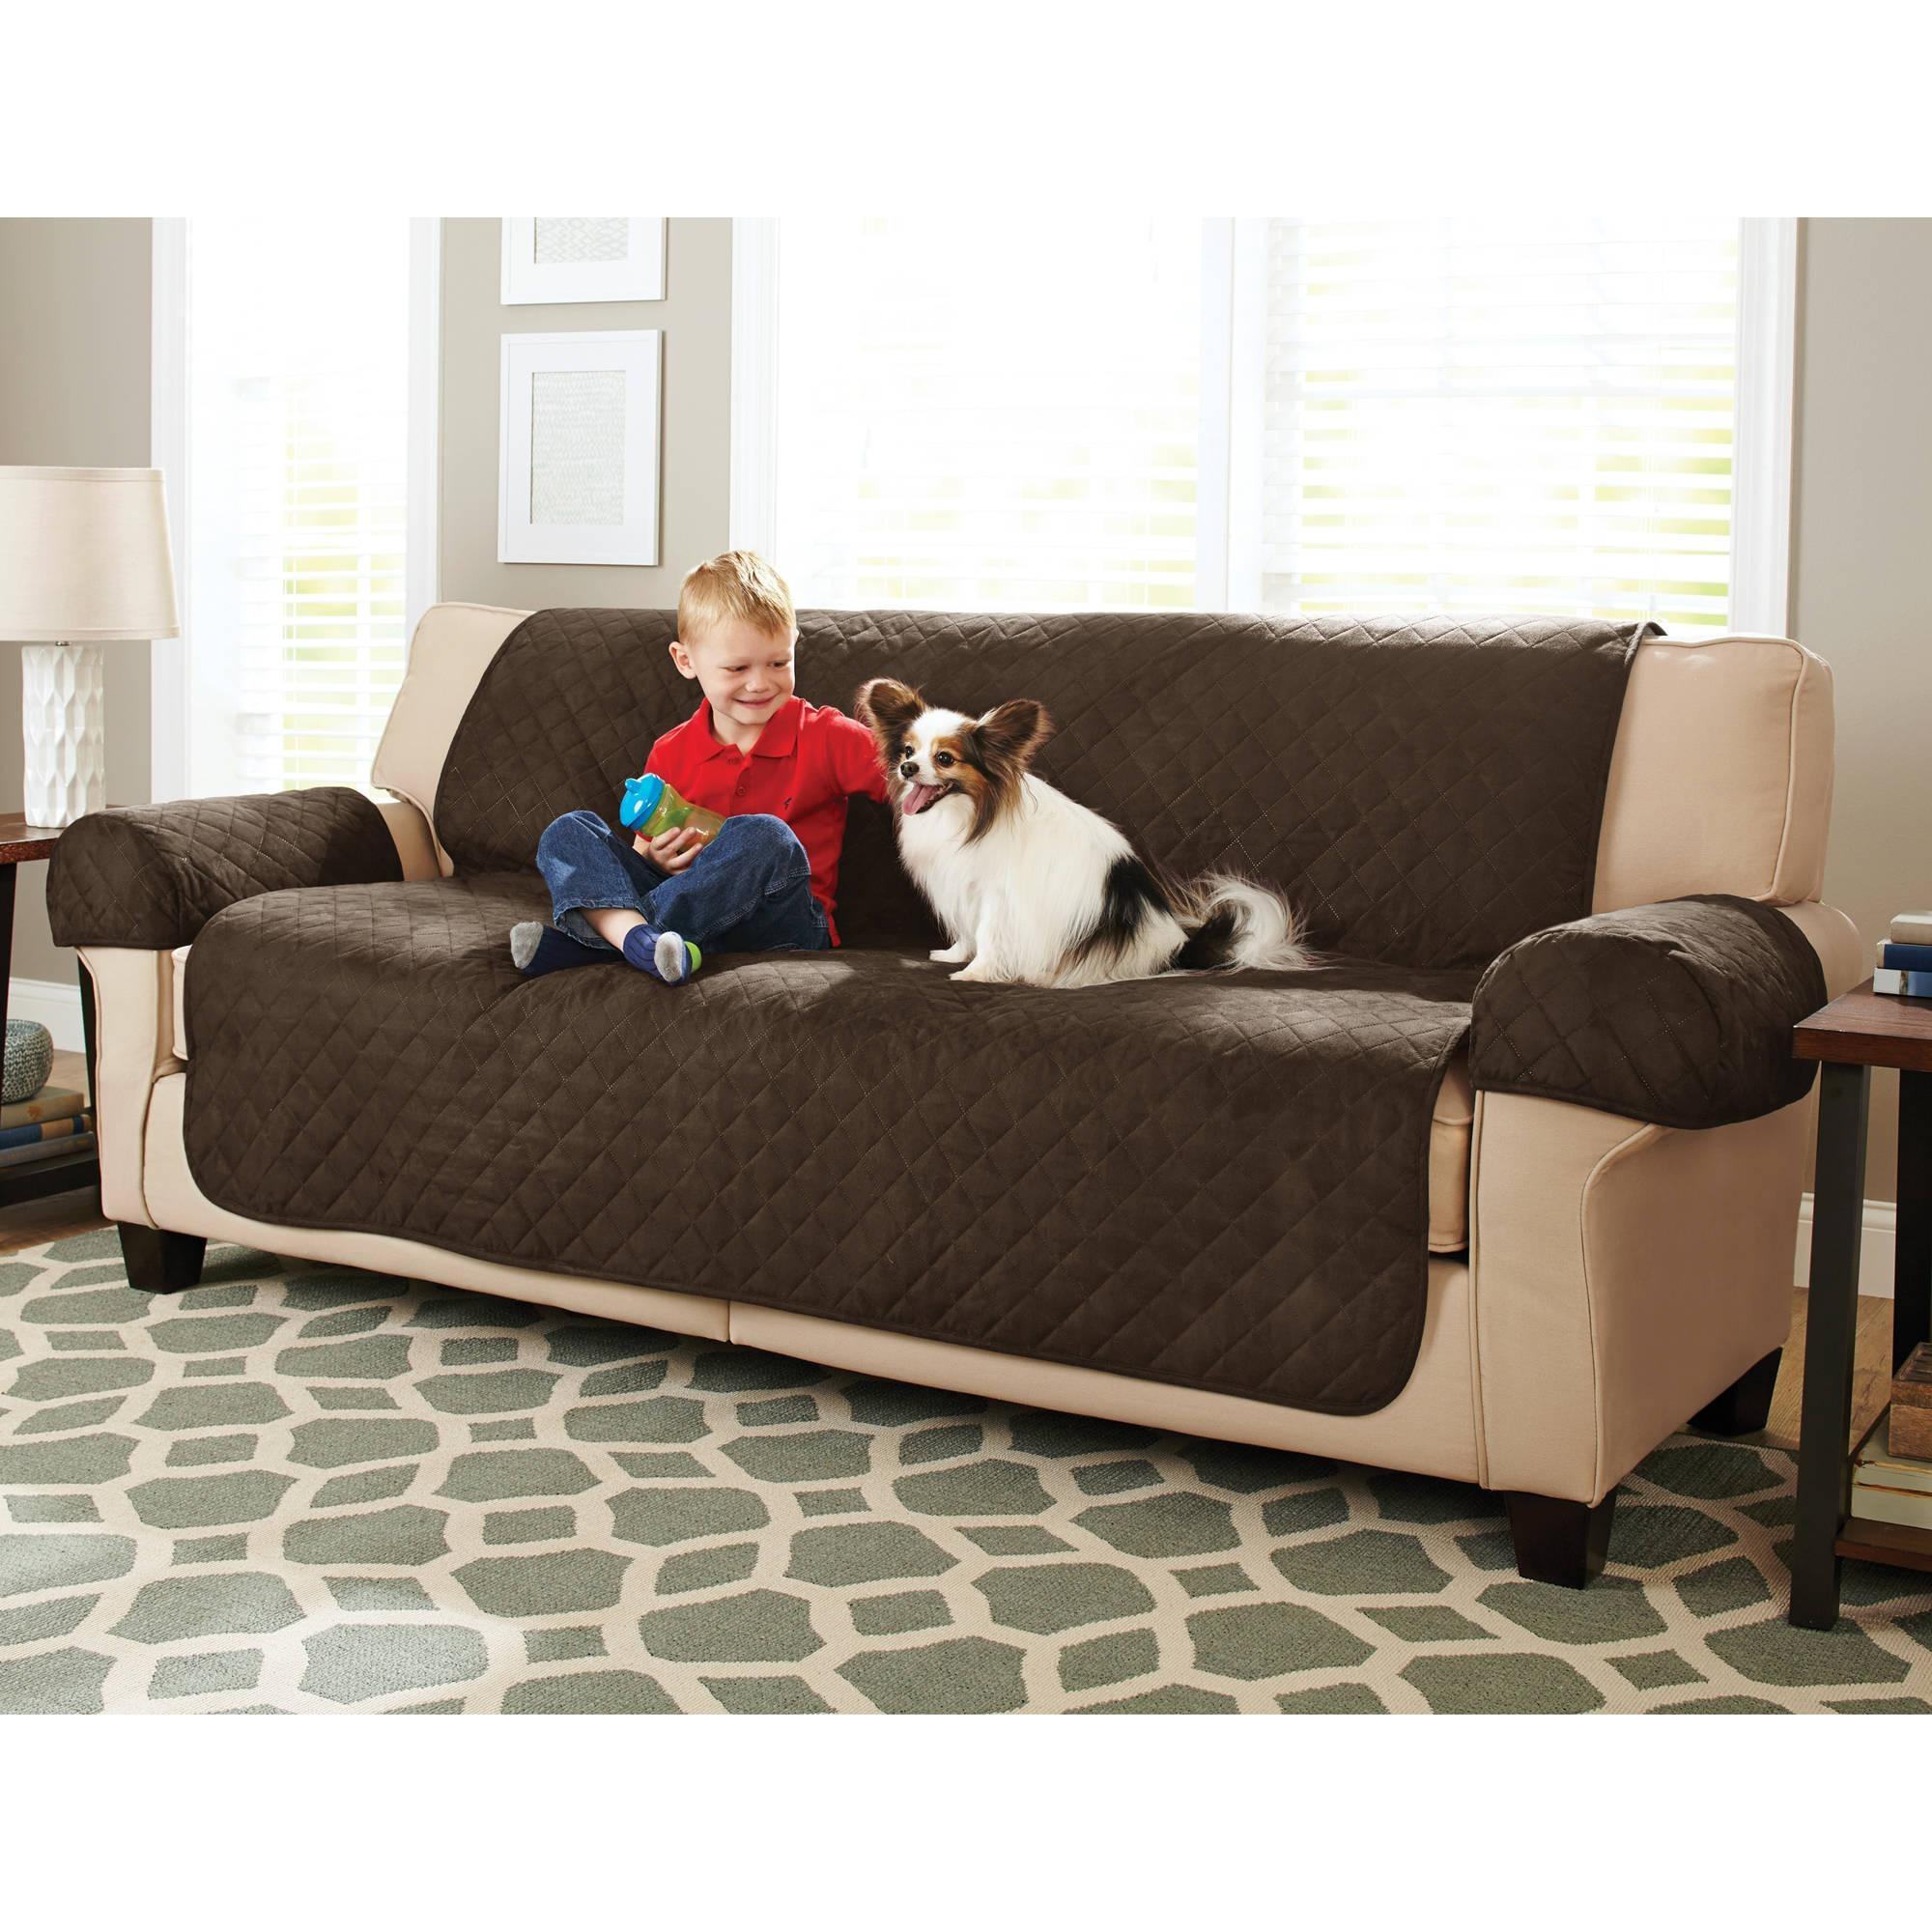 Decor: Stretch Sofa Slipcover | Walmart Slipcovers | Sofa Covers Regarding 3 Piece Sofa Covers (Image 8 of 20)